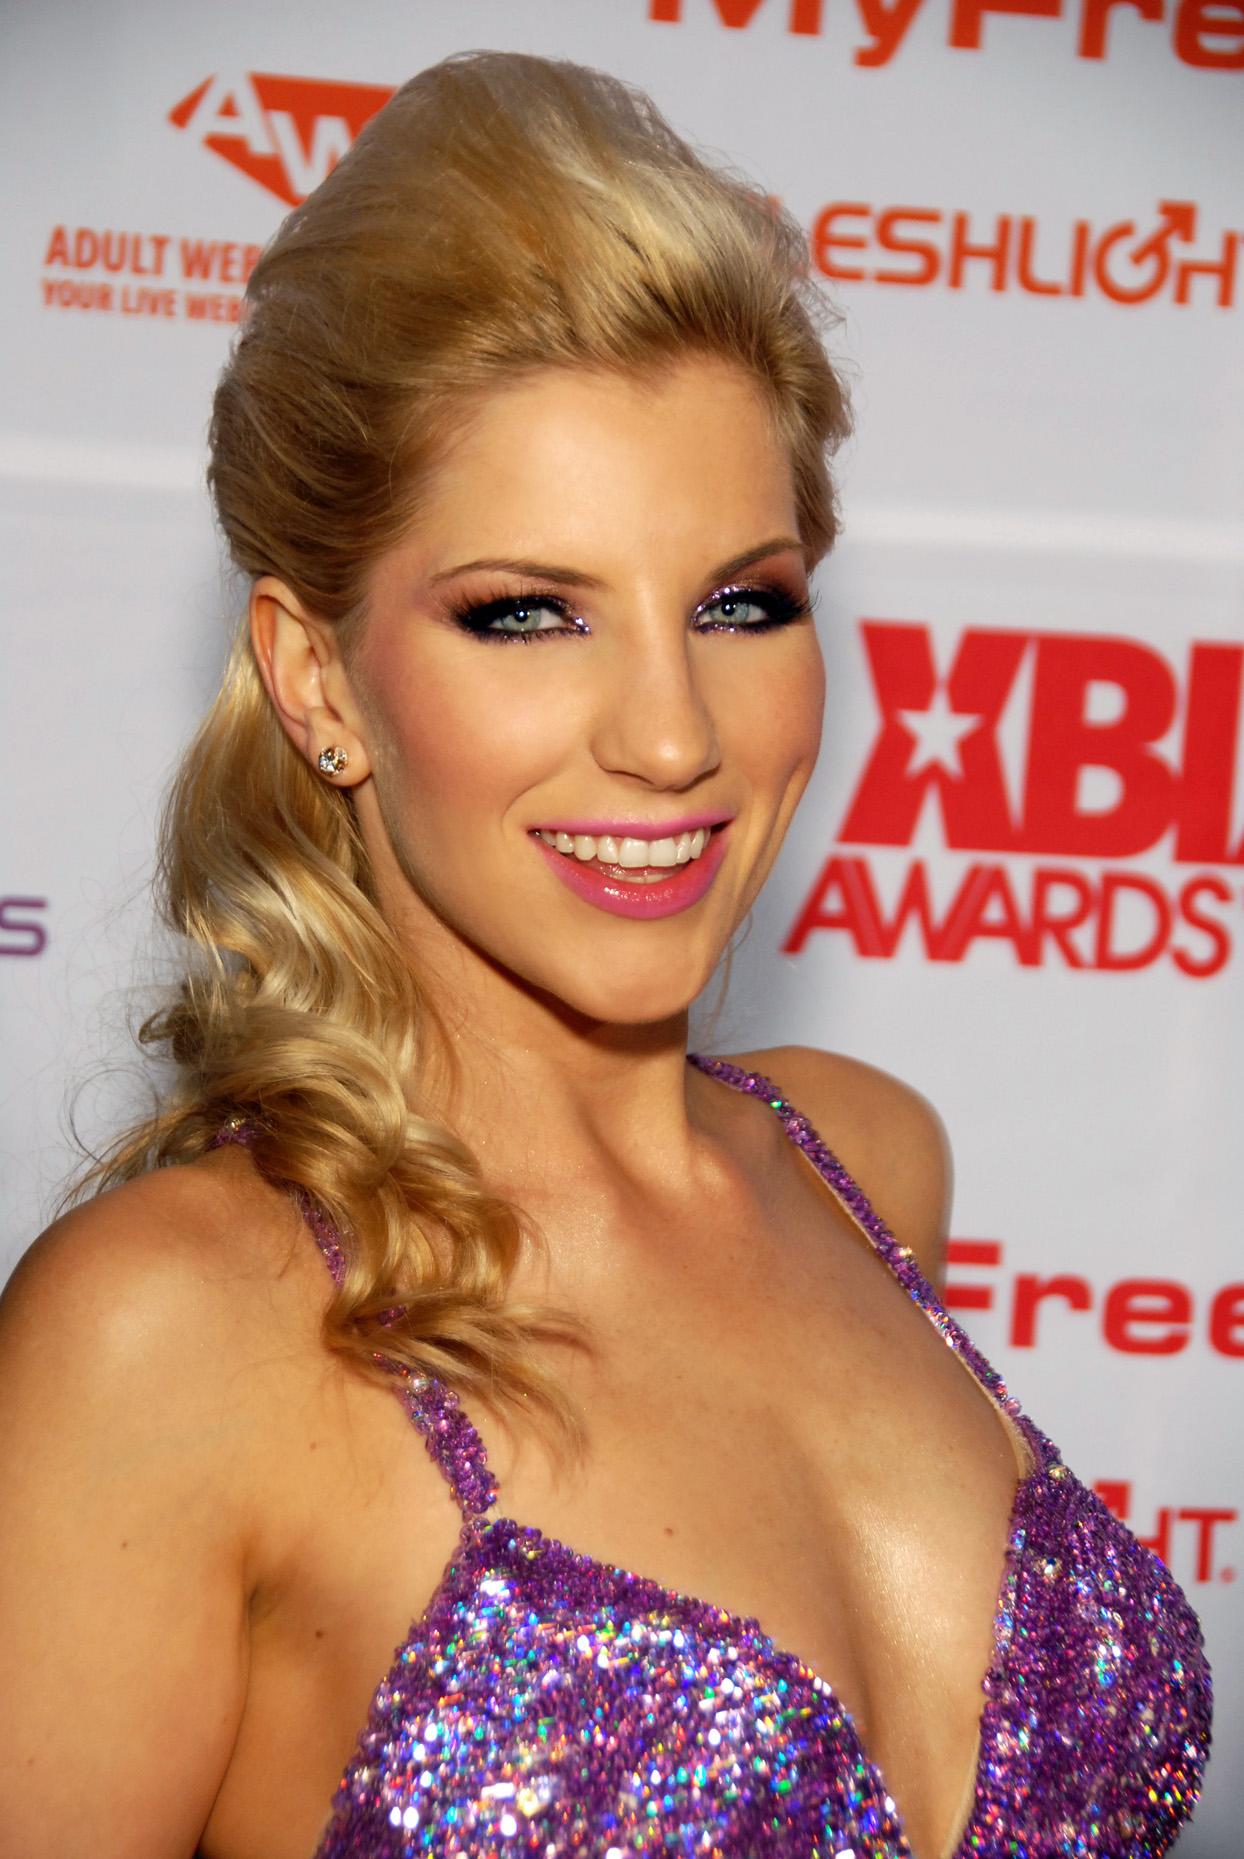 Ashley Dance Porn ashley fires - stunning blonde porn star & model   xxx bios